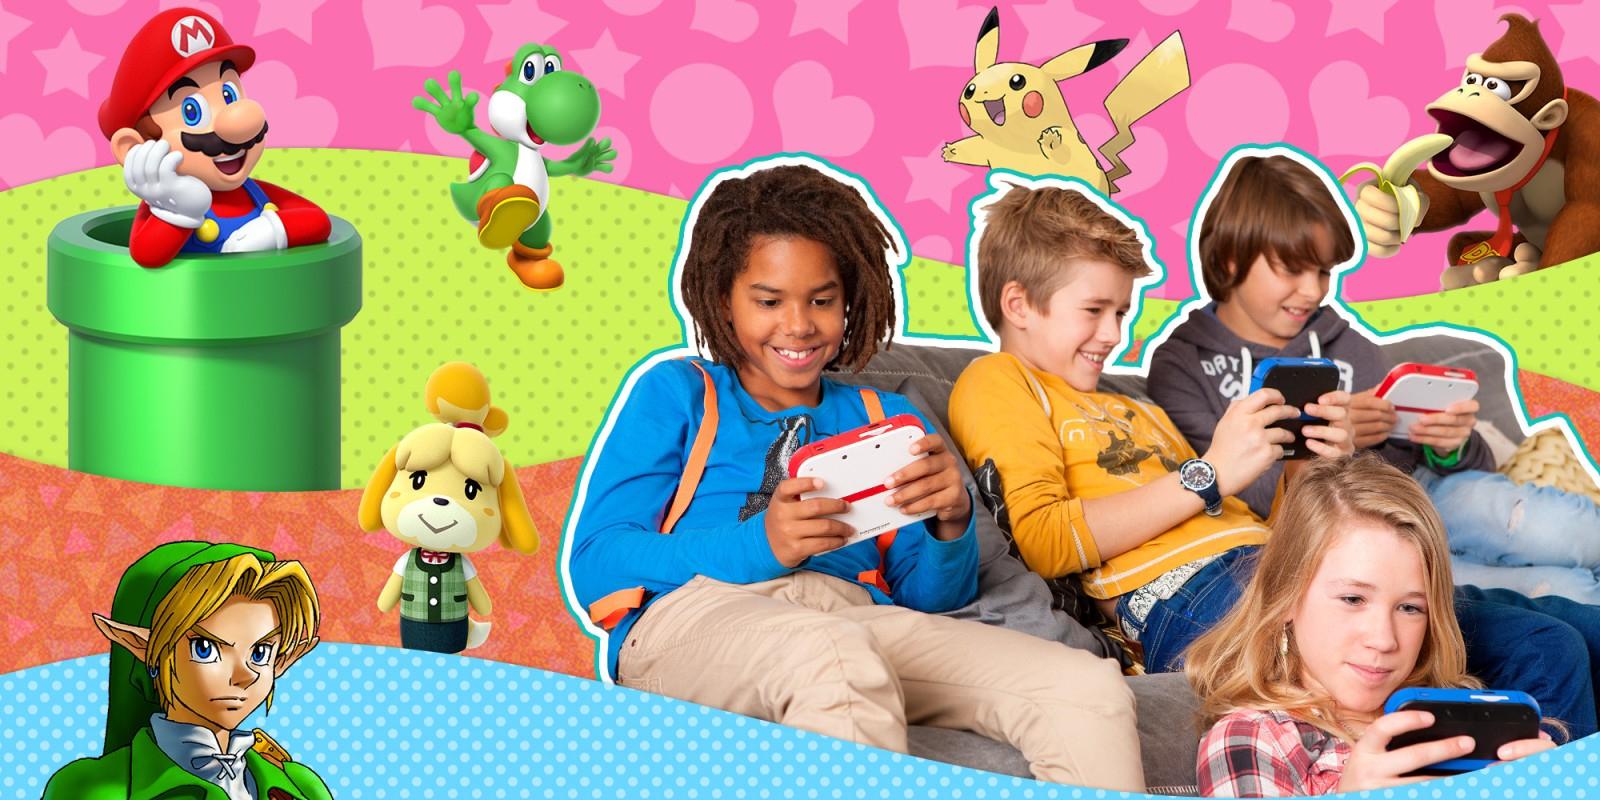 Jeux Nintendo Pour Les Enfants | Nintendo dedans Jeux Gratuit Enfant De 3 Ans